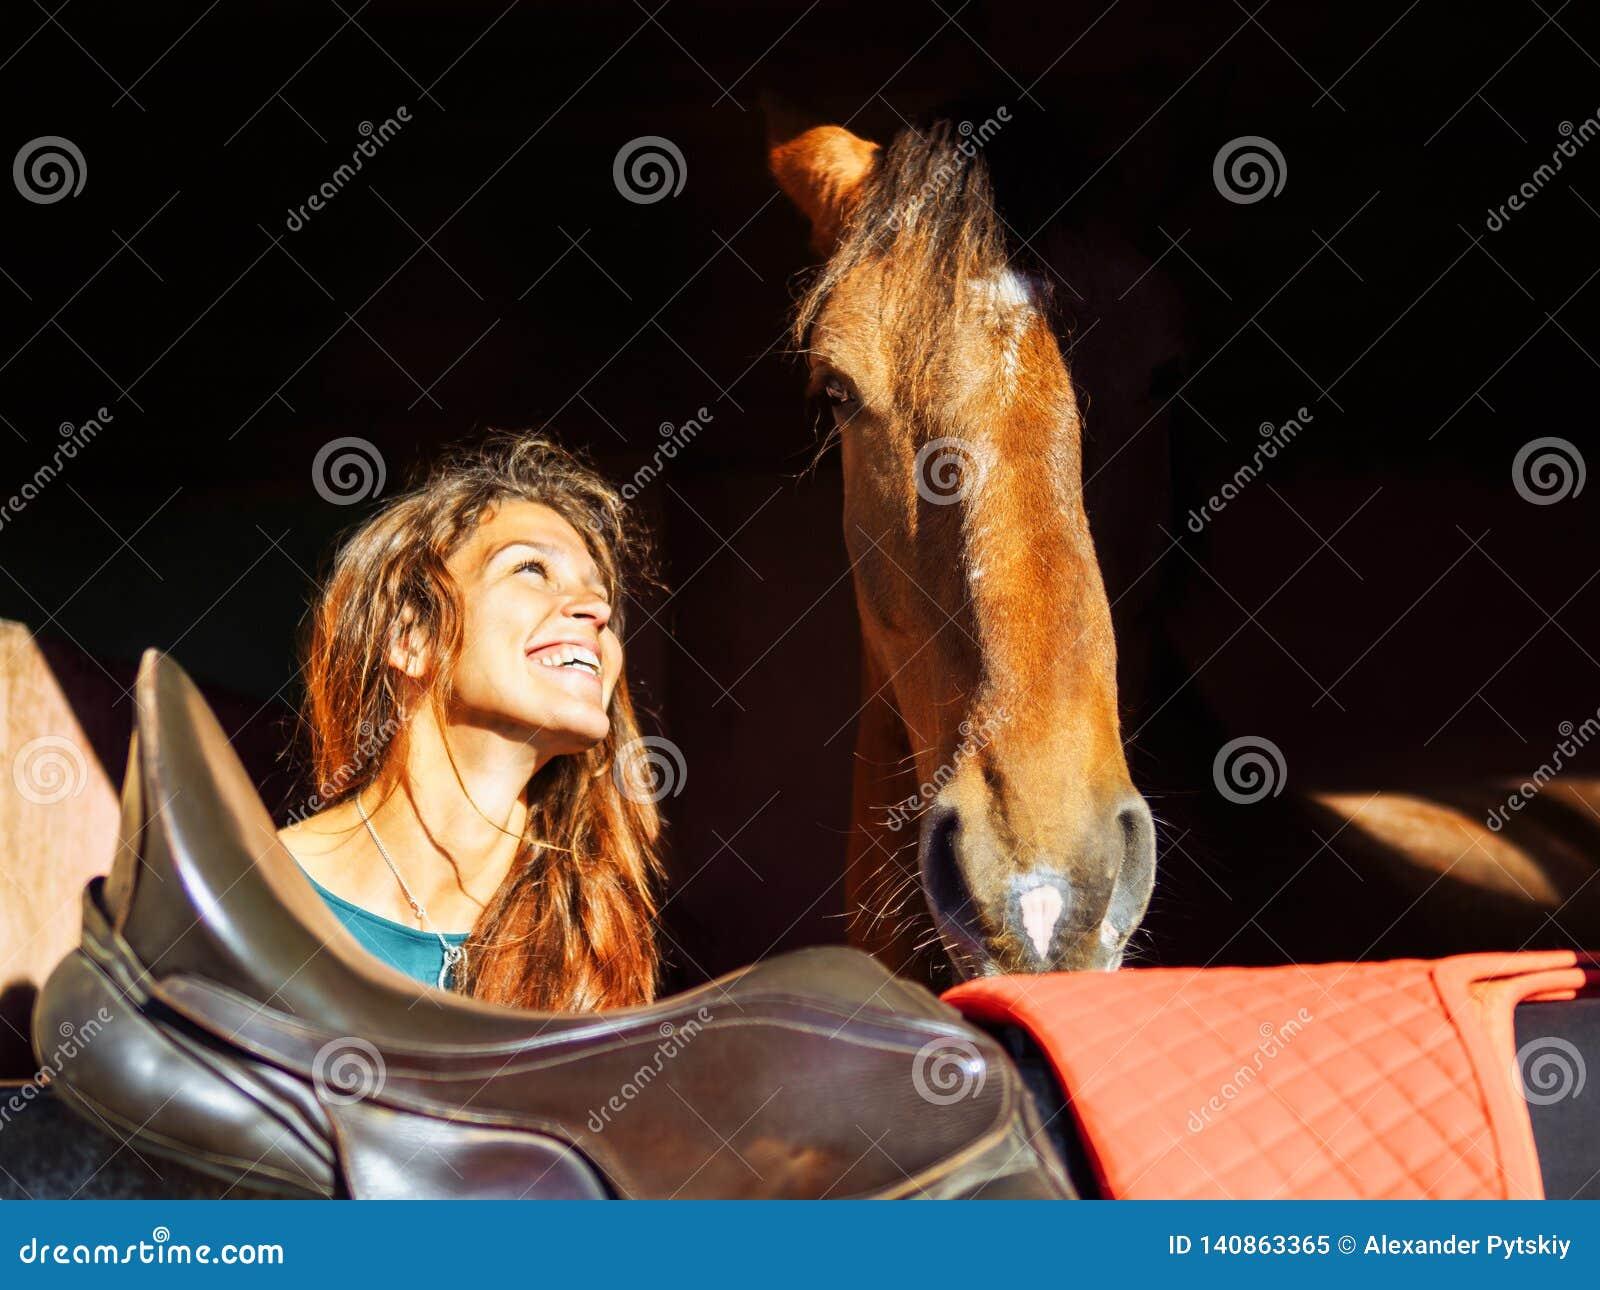 Das Mädchen betrachtet den Kopf eines roten Pferds mit Liebe